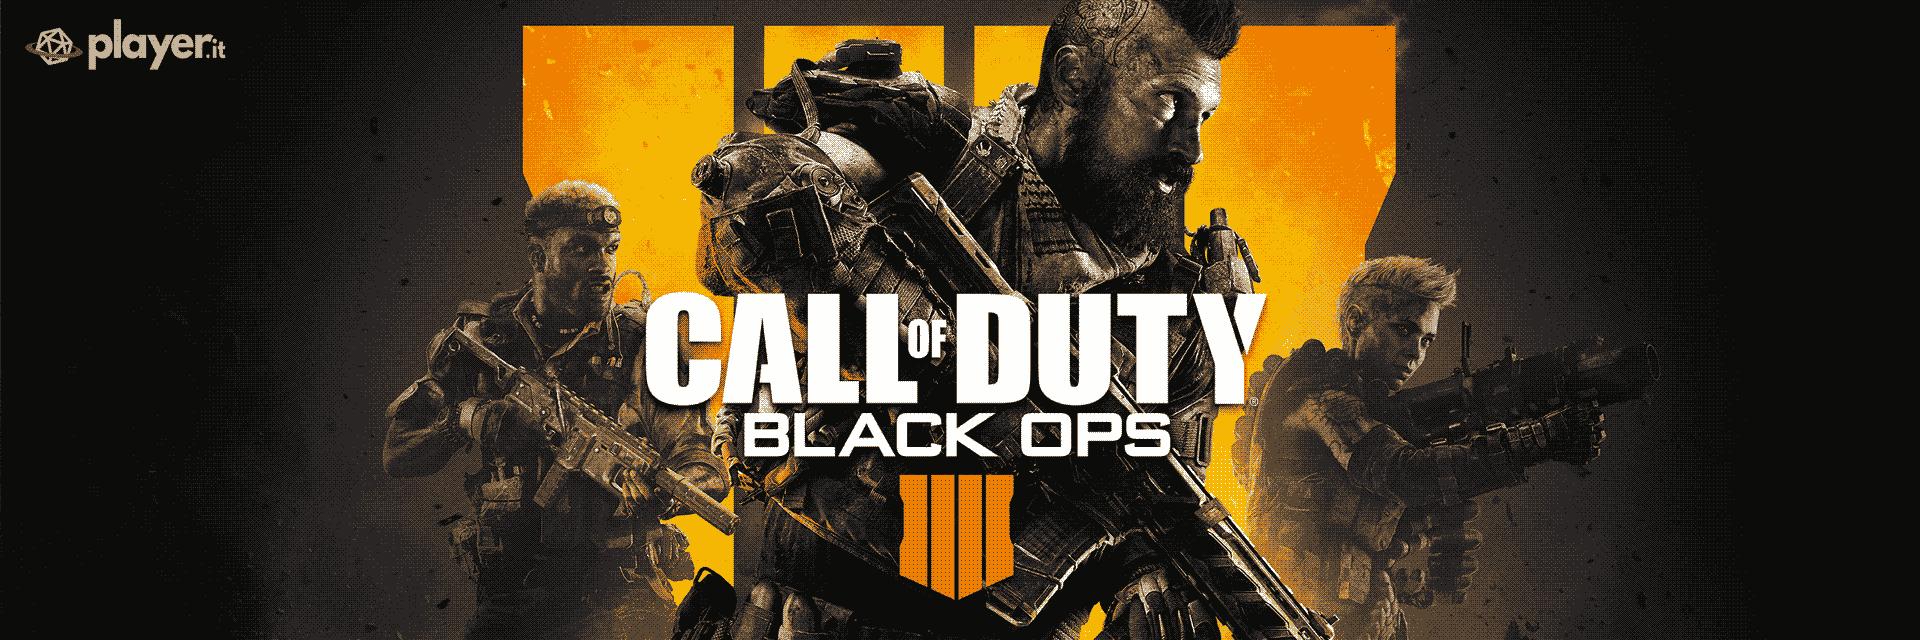 La copertina di Call of Duty: Black Ops IV